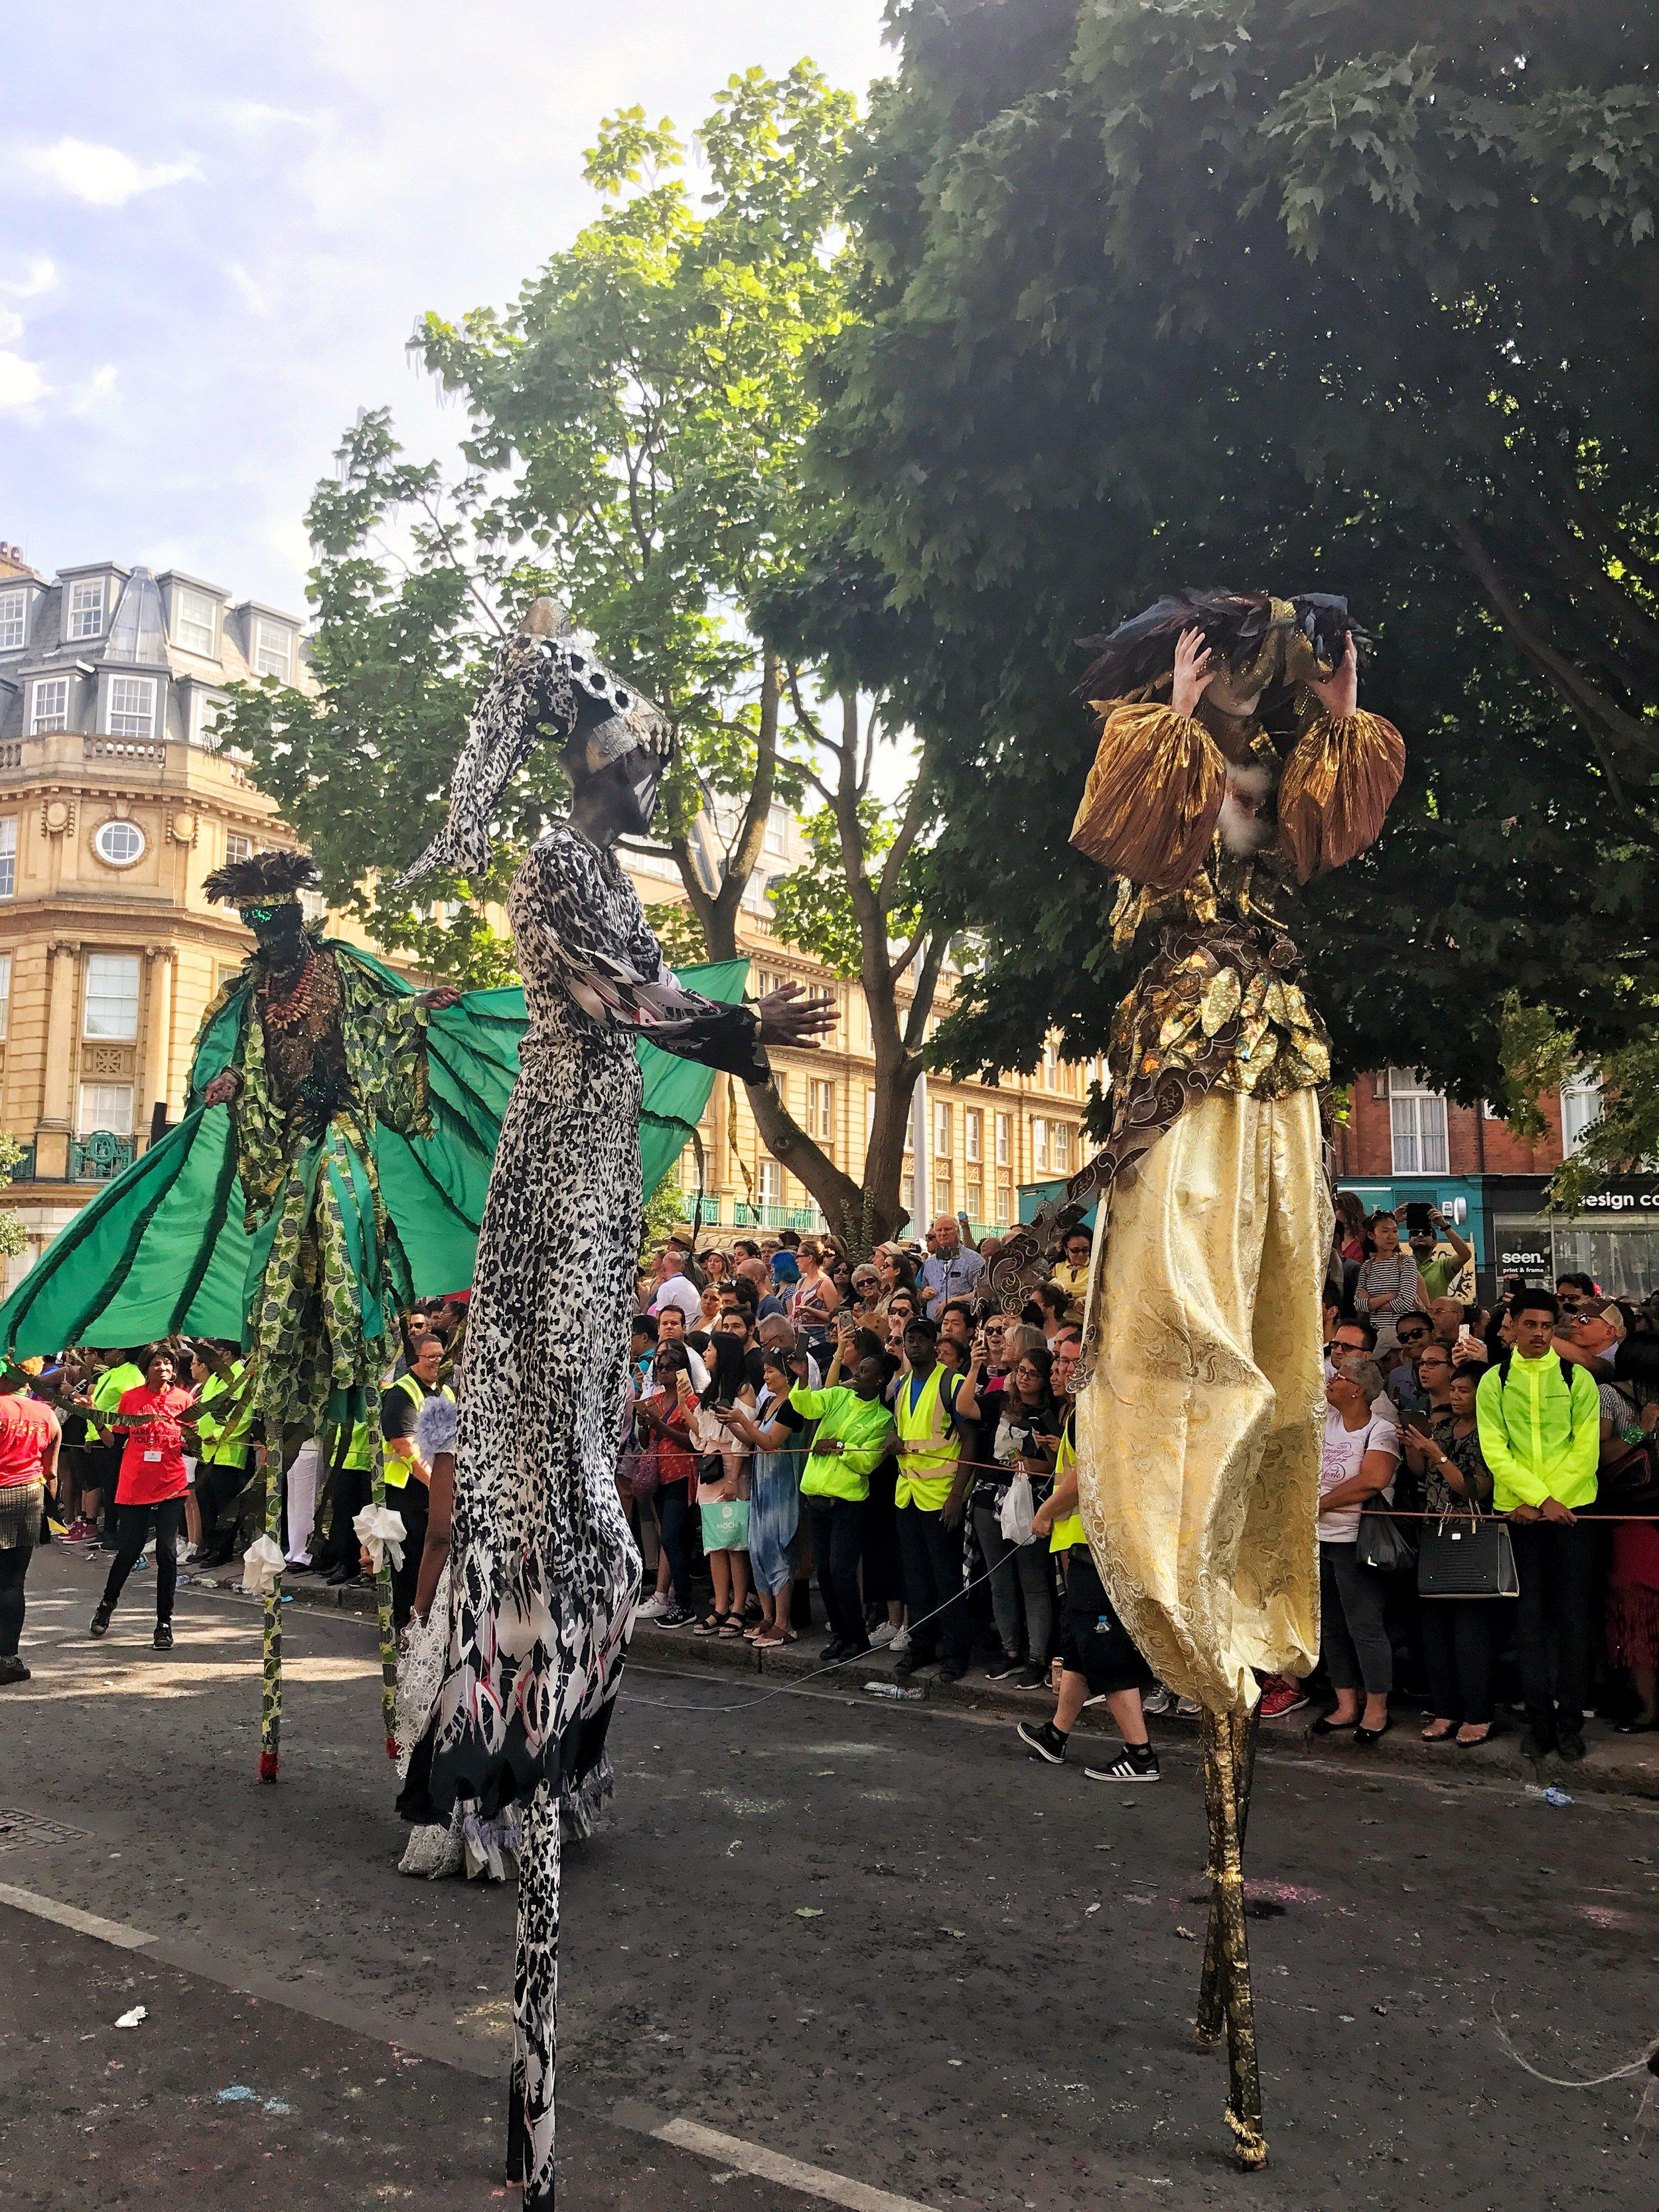 Stilts at Notting Hill Carnival Parade